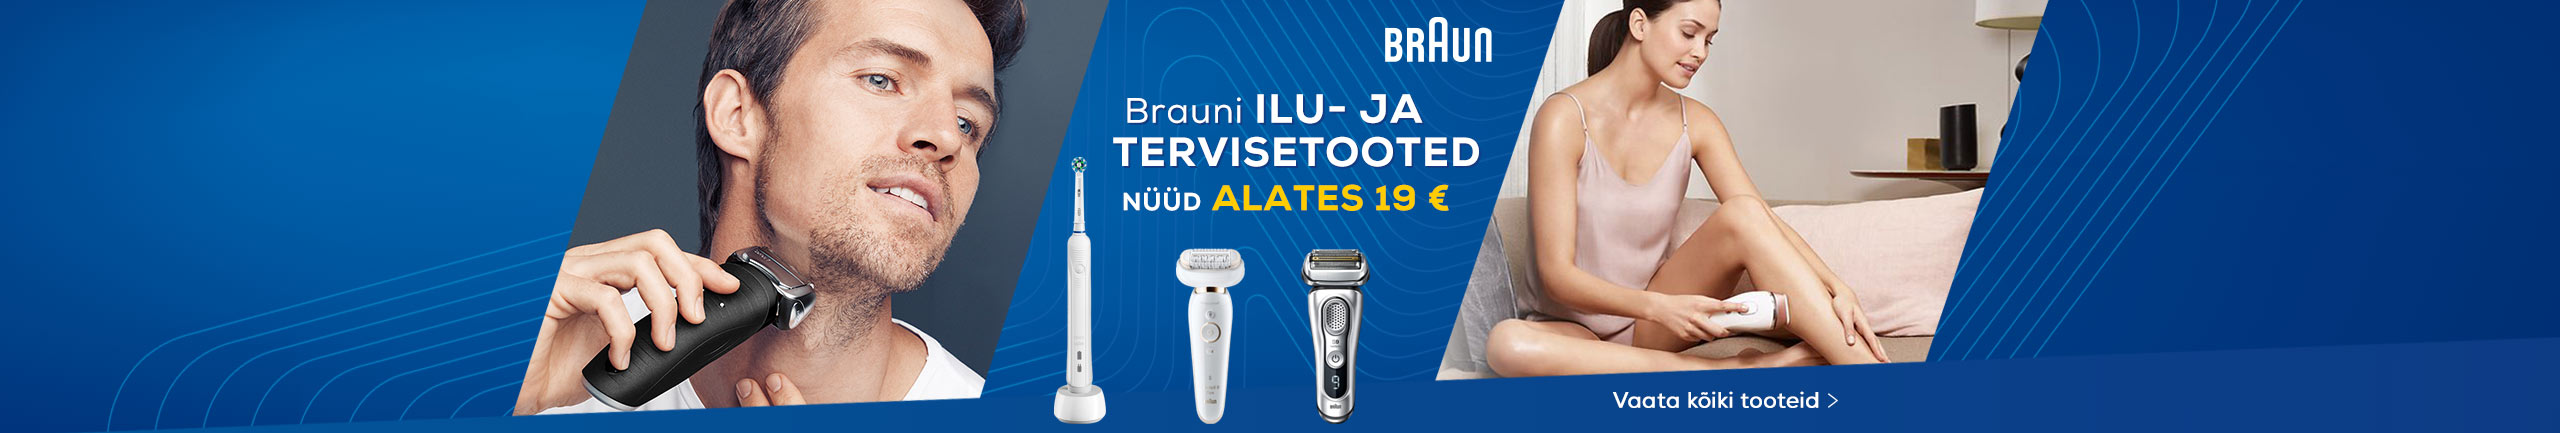 Brauni ilu- ja tervisetooted nüüd alates 19 €